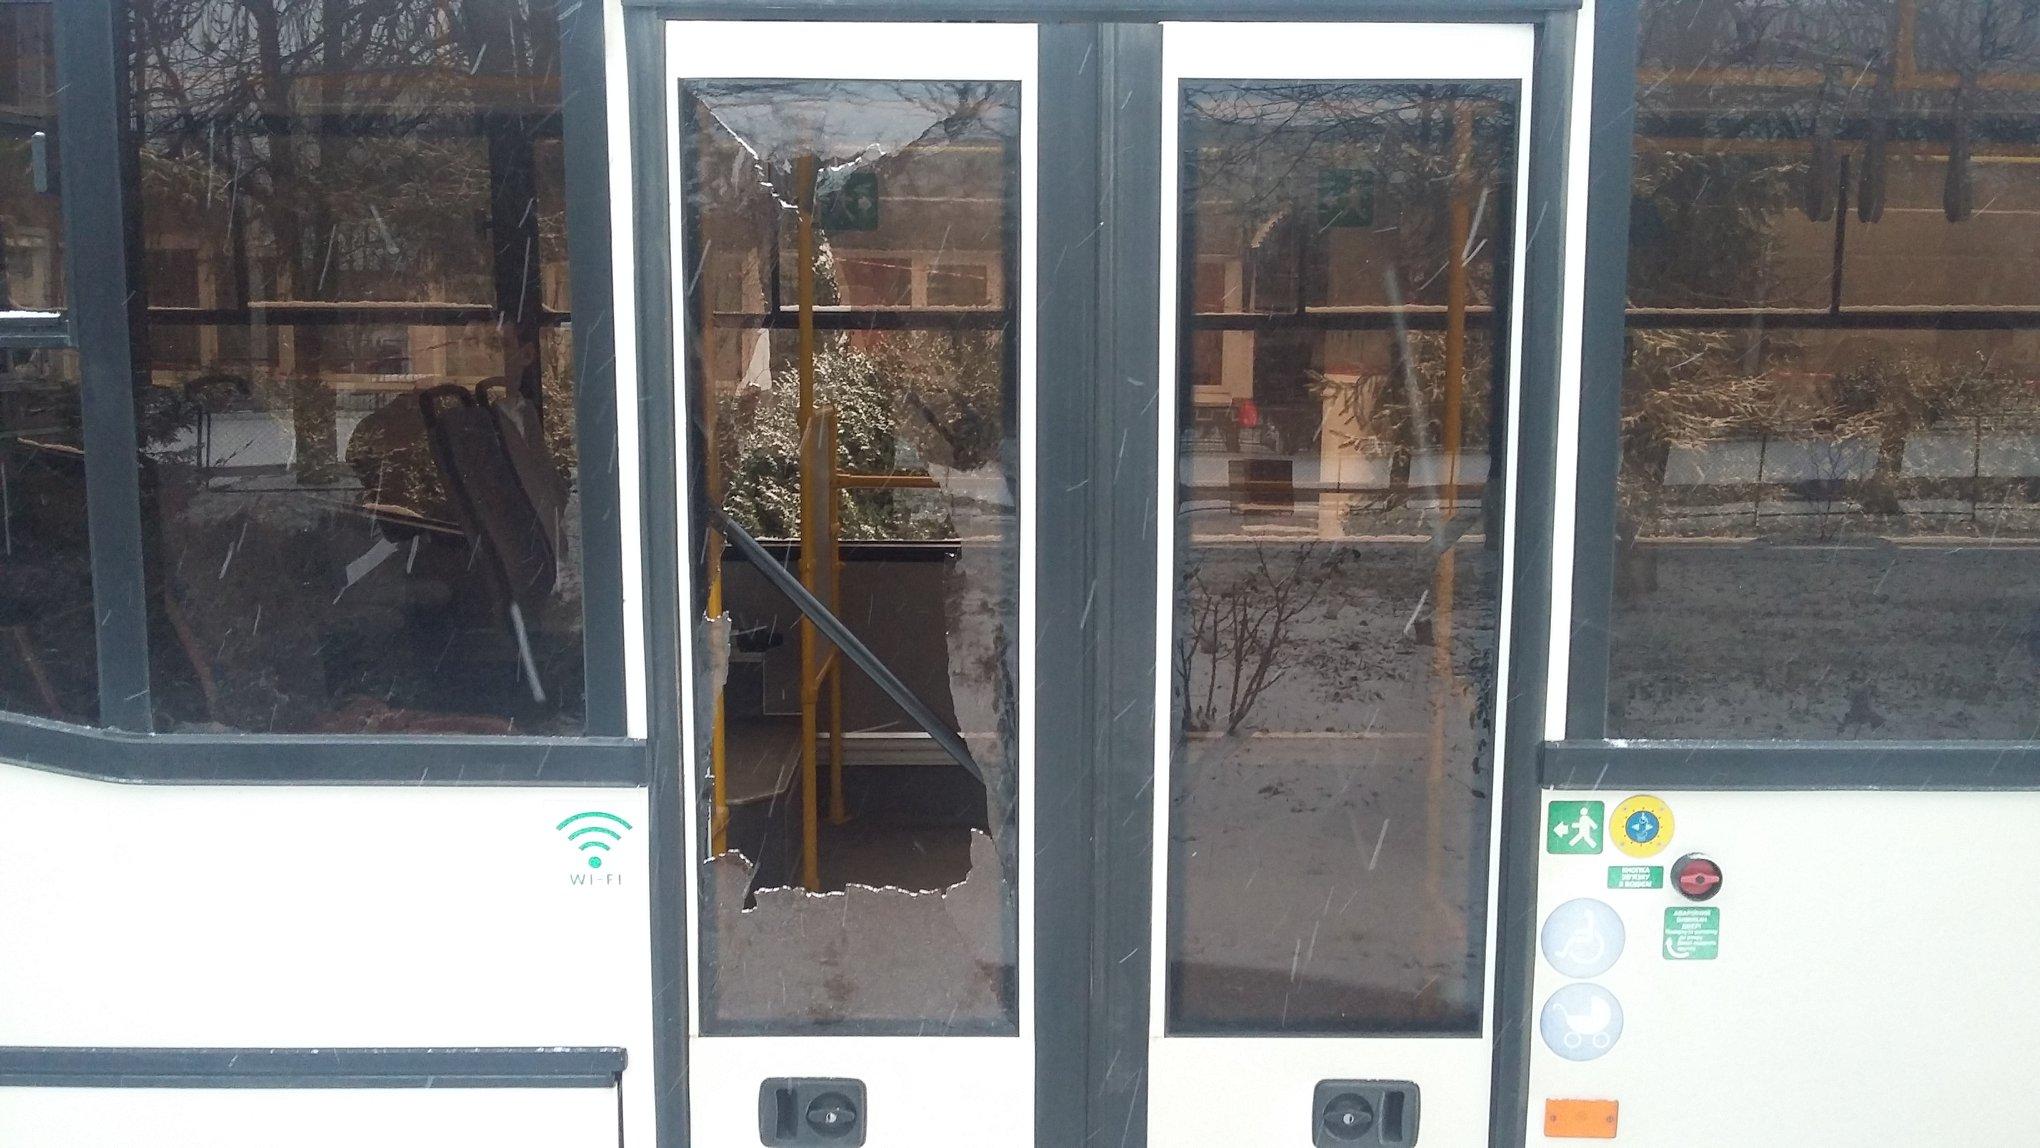 У Кропивницькому розбили скло в тролейбусі, який рухався по маршруту №9. ФОТО - 1 - Життя - Без Купюр